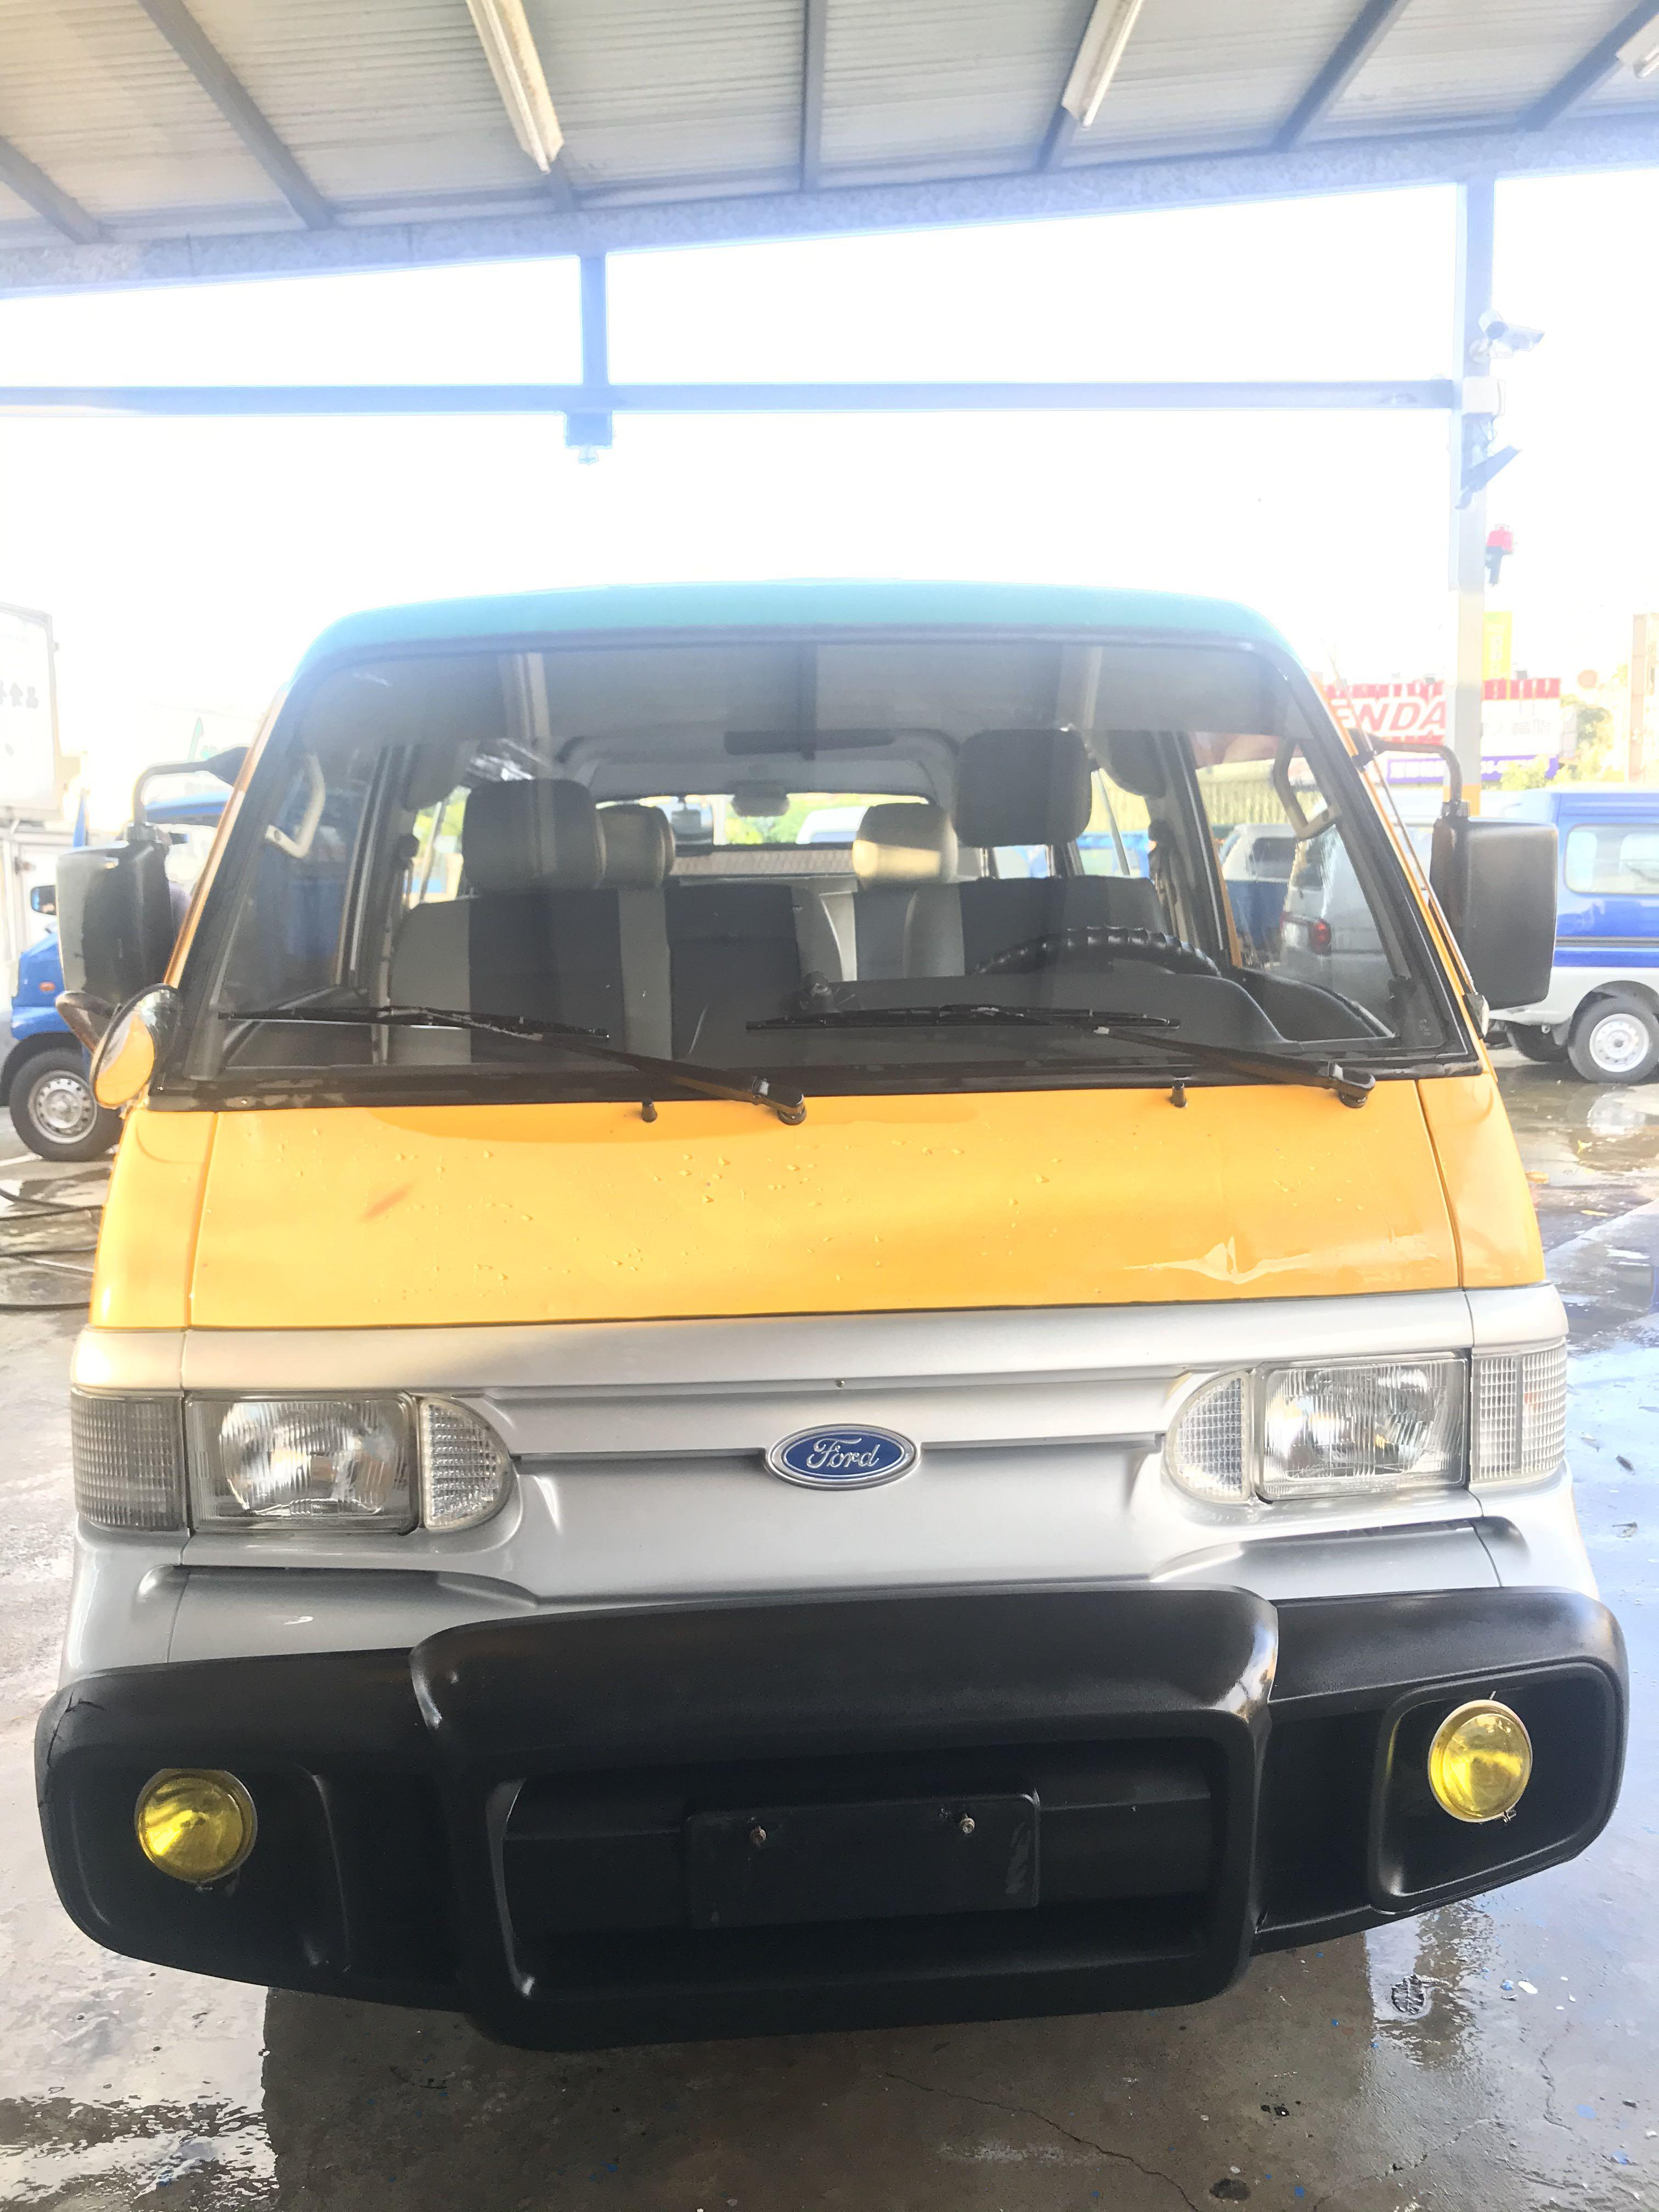 09年 福特風尚車2.0cc 客貨車版